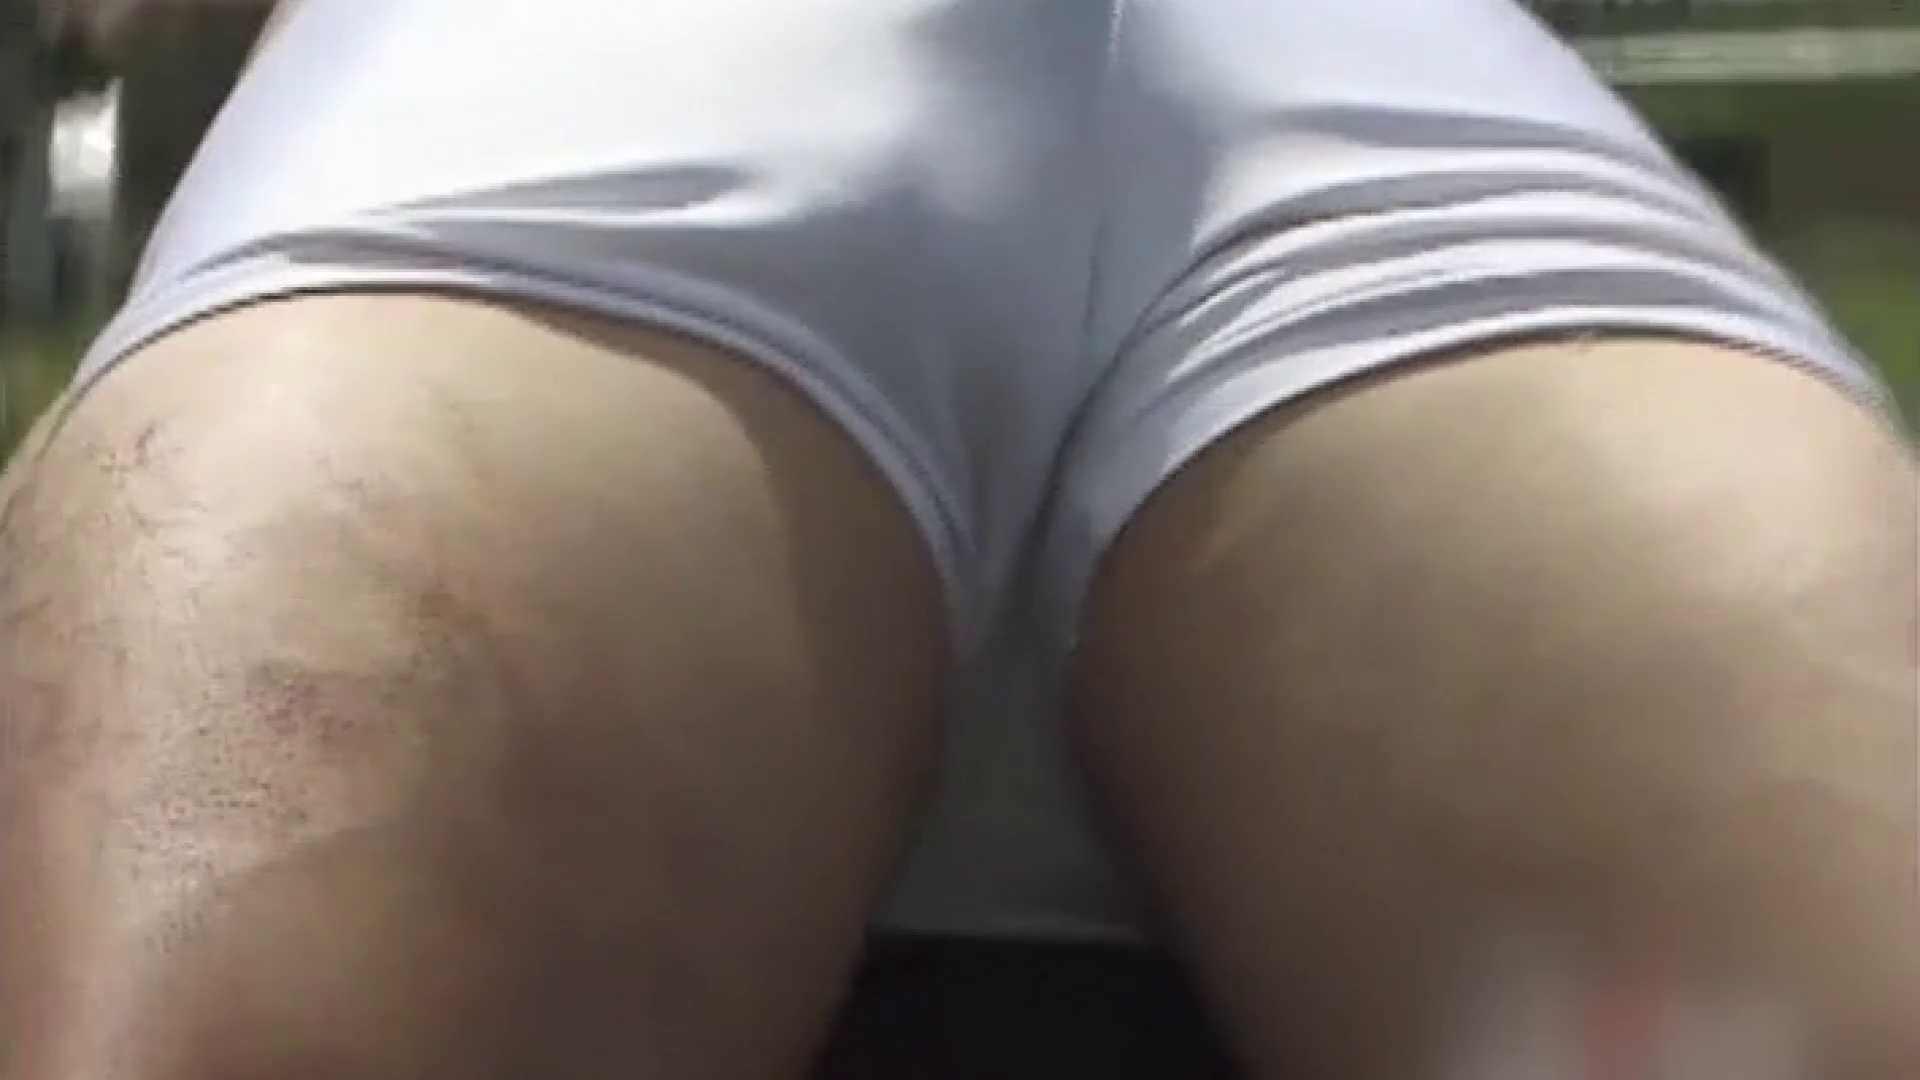 珍肉も筋肉の内!!vol.4 野外露出動画 ゲイ素人エロ画像 111pic 27